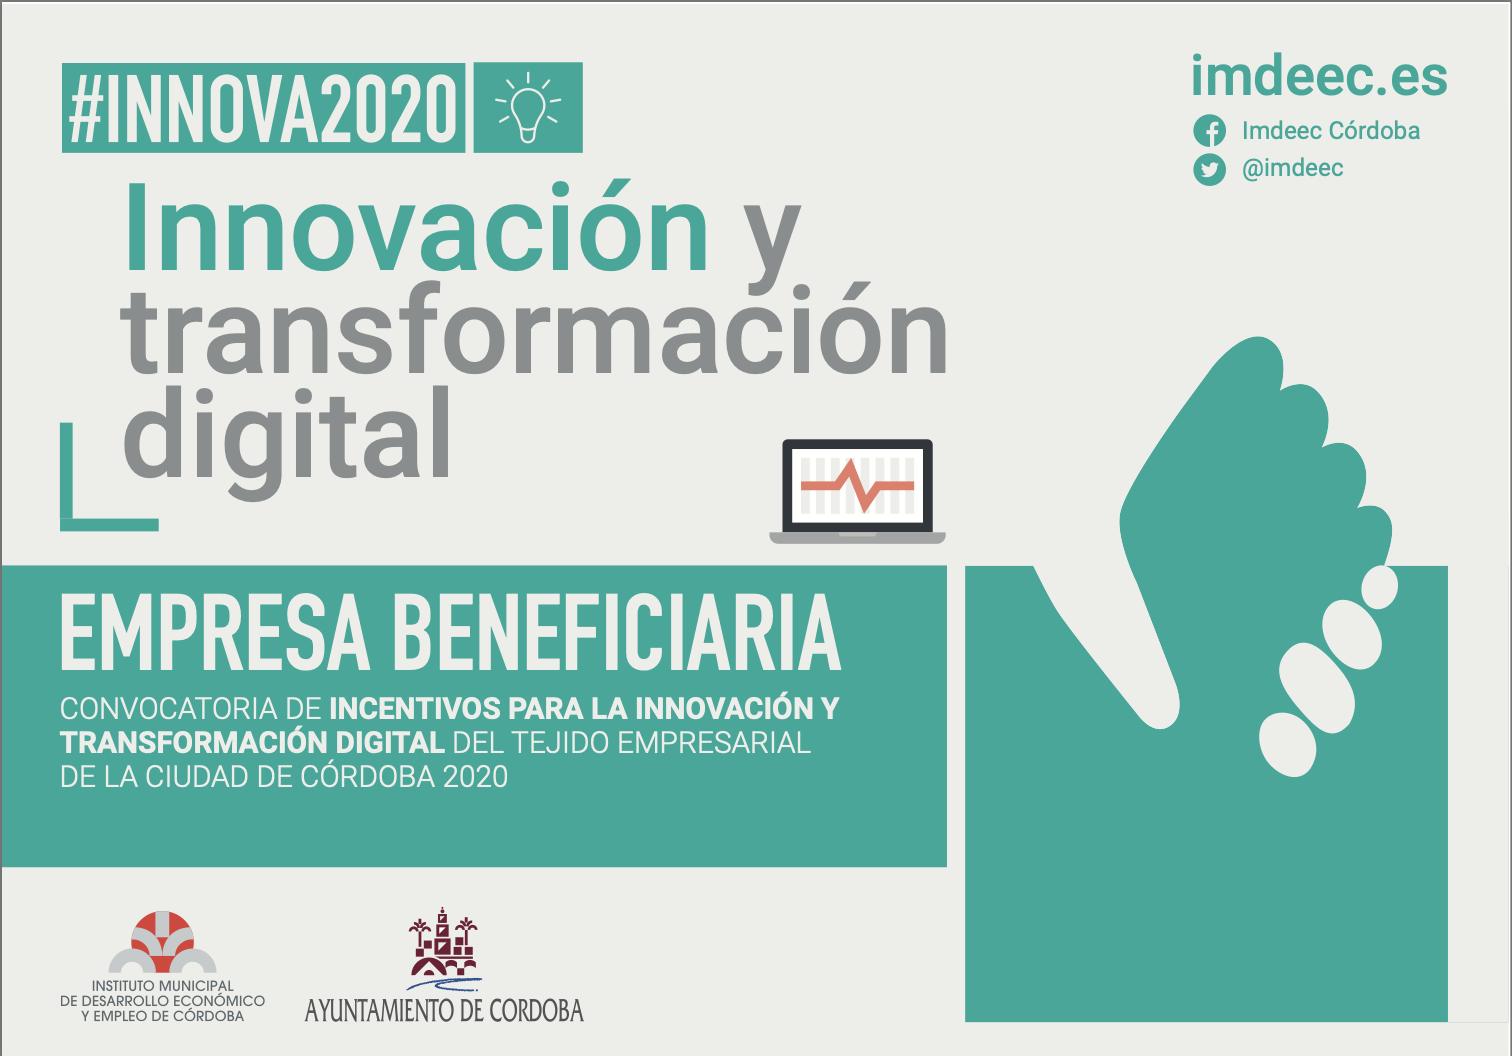 innova2020